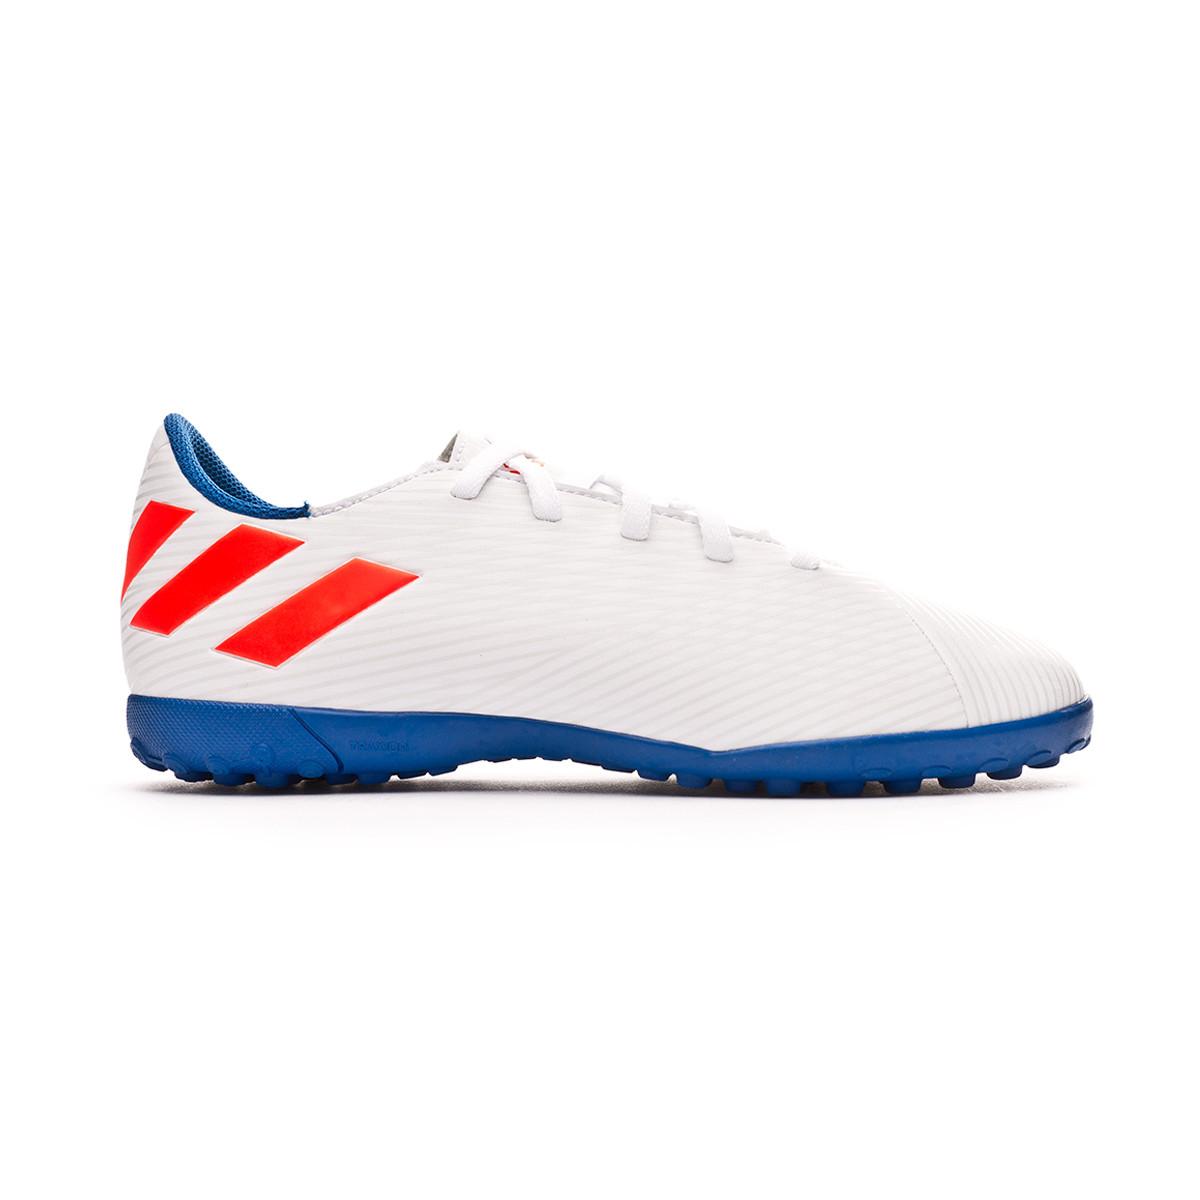 Chaussure de foot adidas Nemeziz Messi 19.4 enfant White